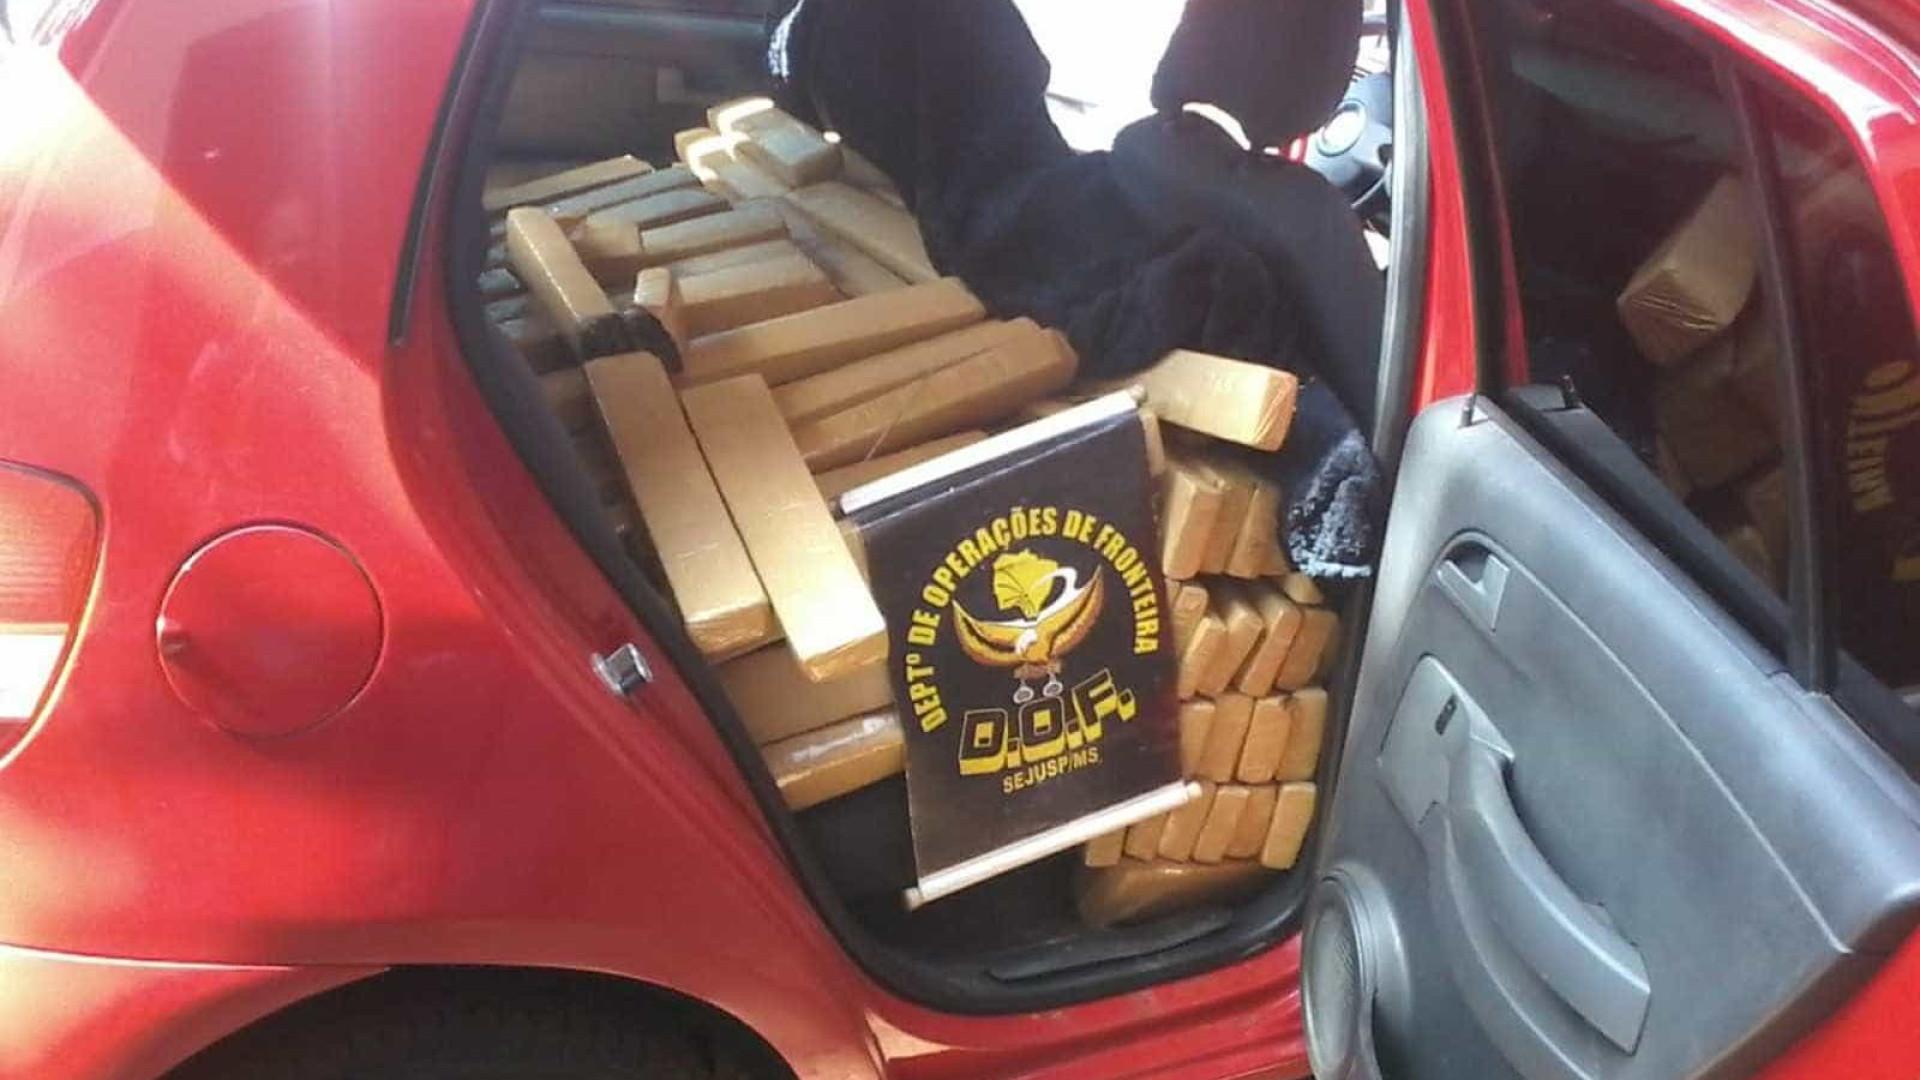 Polícia apreende mais de 500 quilos de drogas em carro no MS